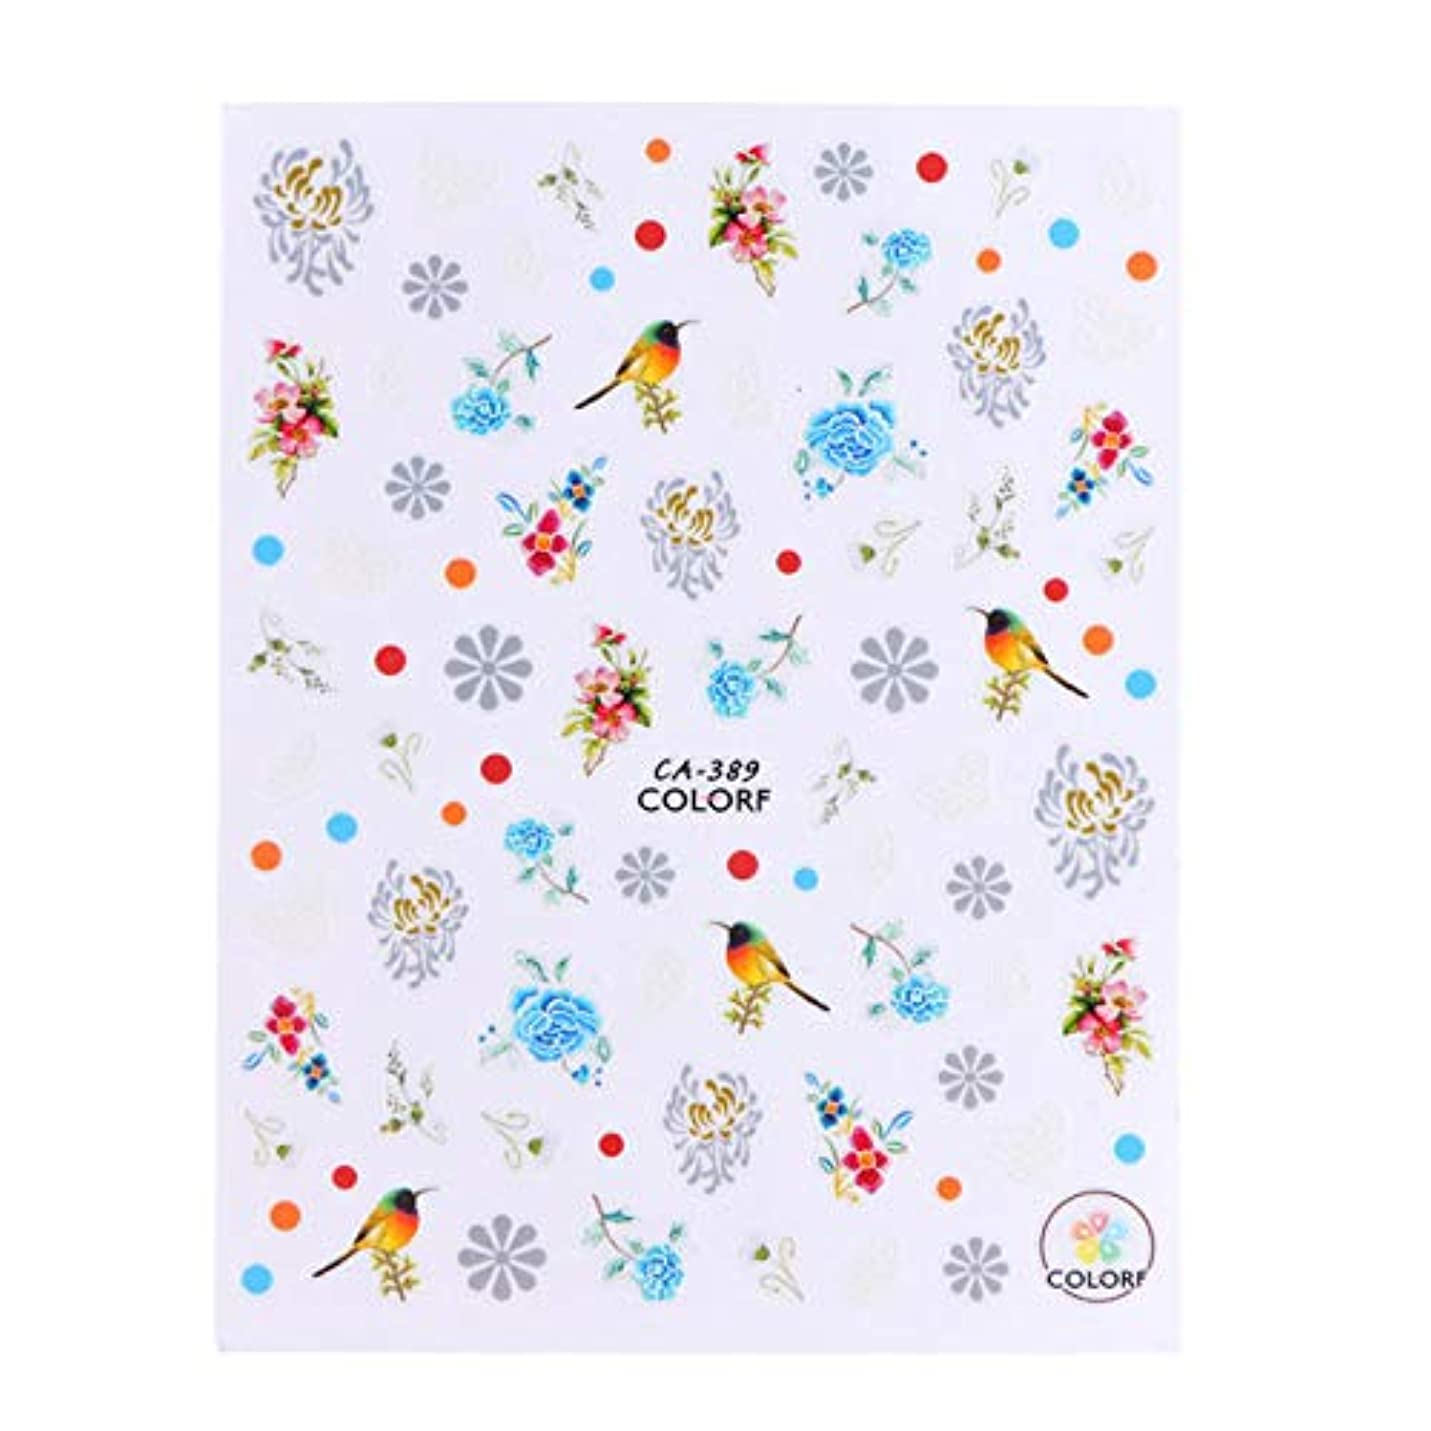 呼ぶチロ実際SUKTI&XIAO ネイルステッカー 1ピースエレガントフラワーネイルステッカー葉粘着ラップネイルアートデカールスライダーチャーム花飾りのヒント